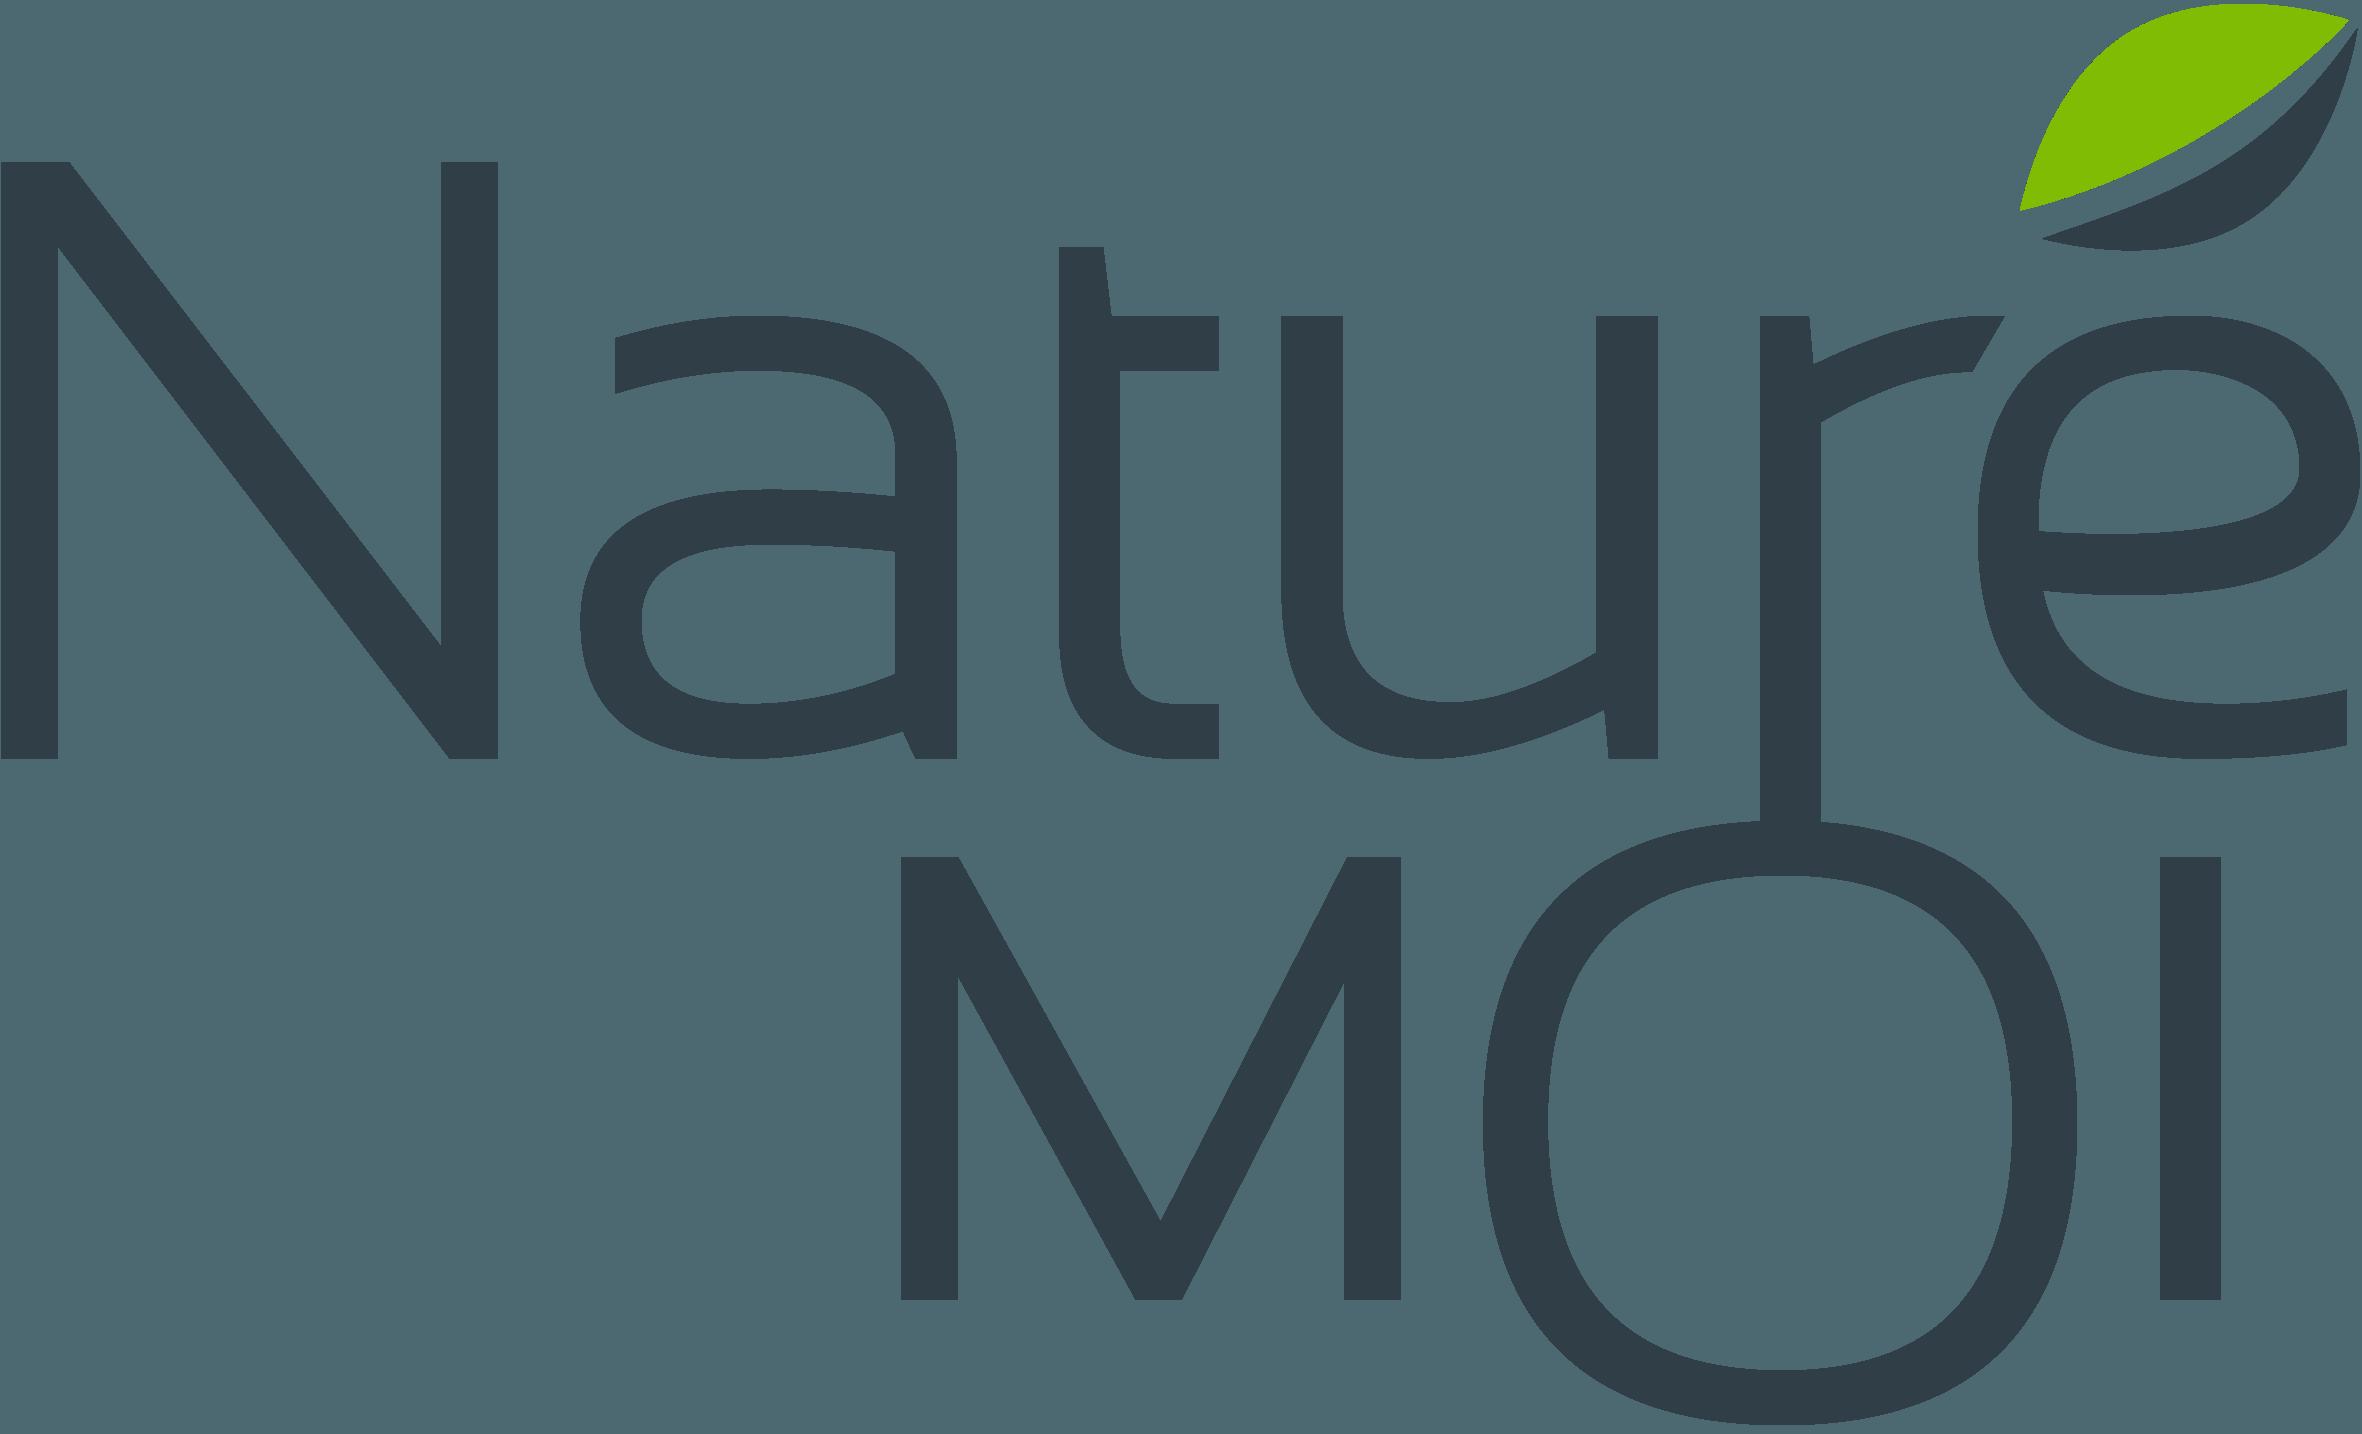 Naturé Moi - Just another Les sites de Groupe Ponroy site